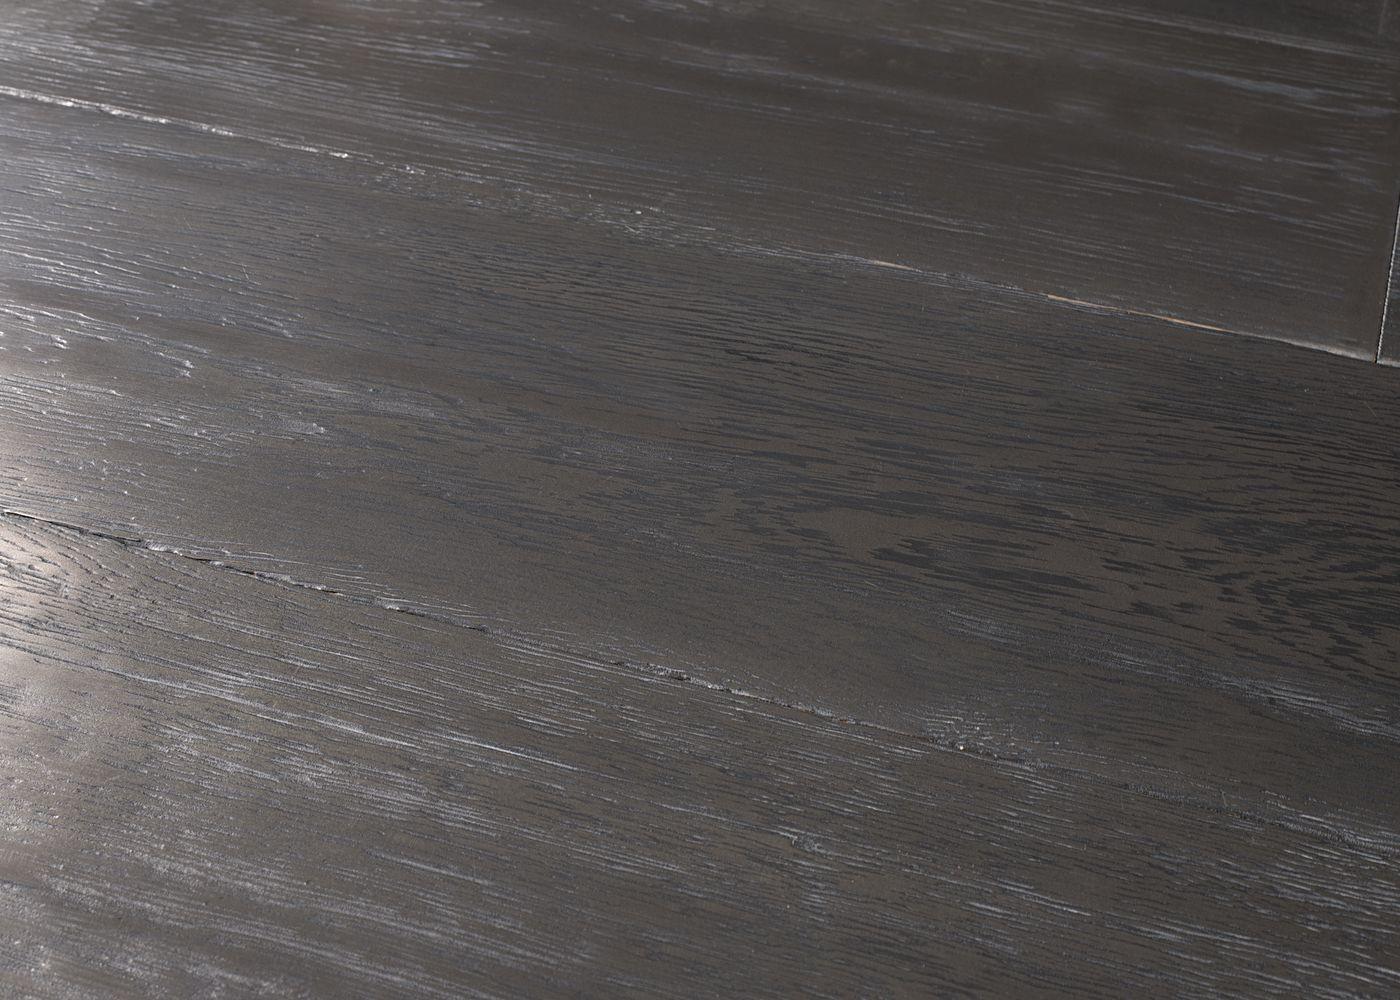 Parquet chêne contrecollé G2 Métal ARGENTE PEFC brossé vieilli veinage noir 15x180x1200-2300